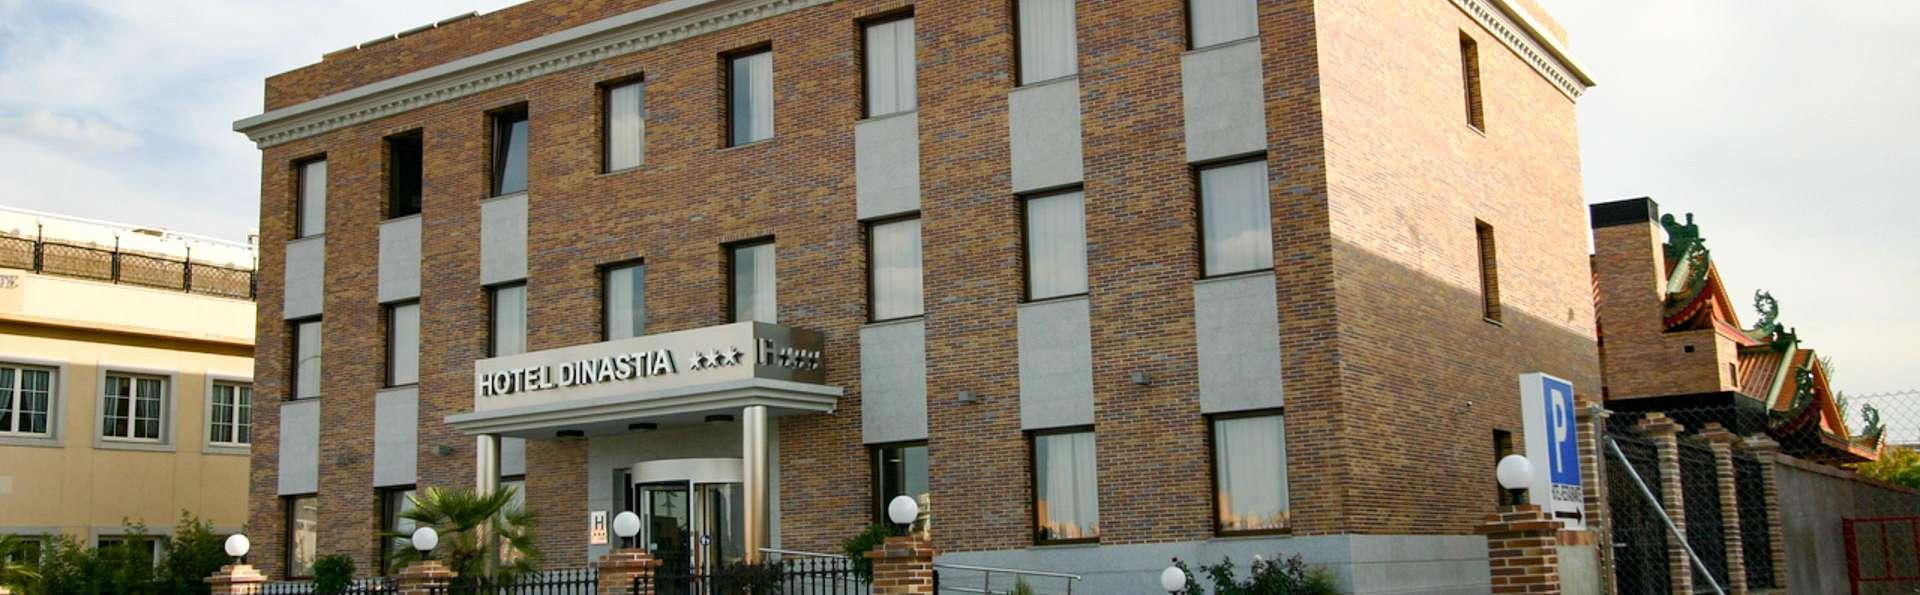 Hotel Dinastía - EDIT_FRONT_01.jpg